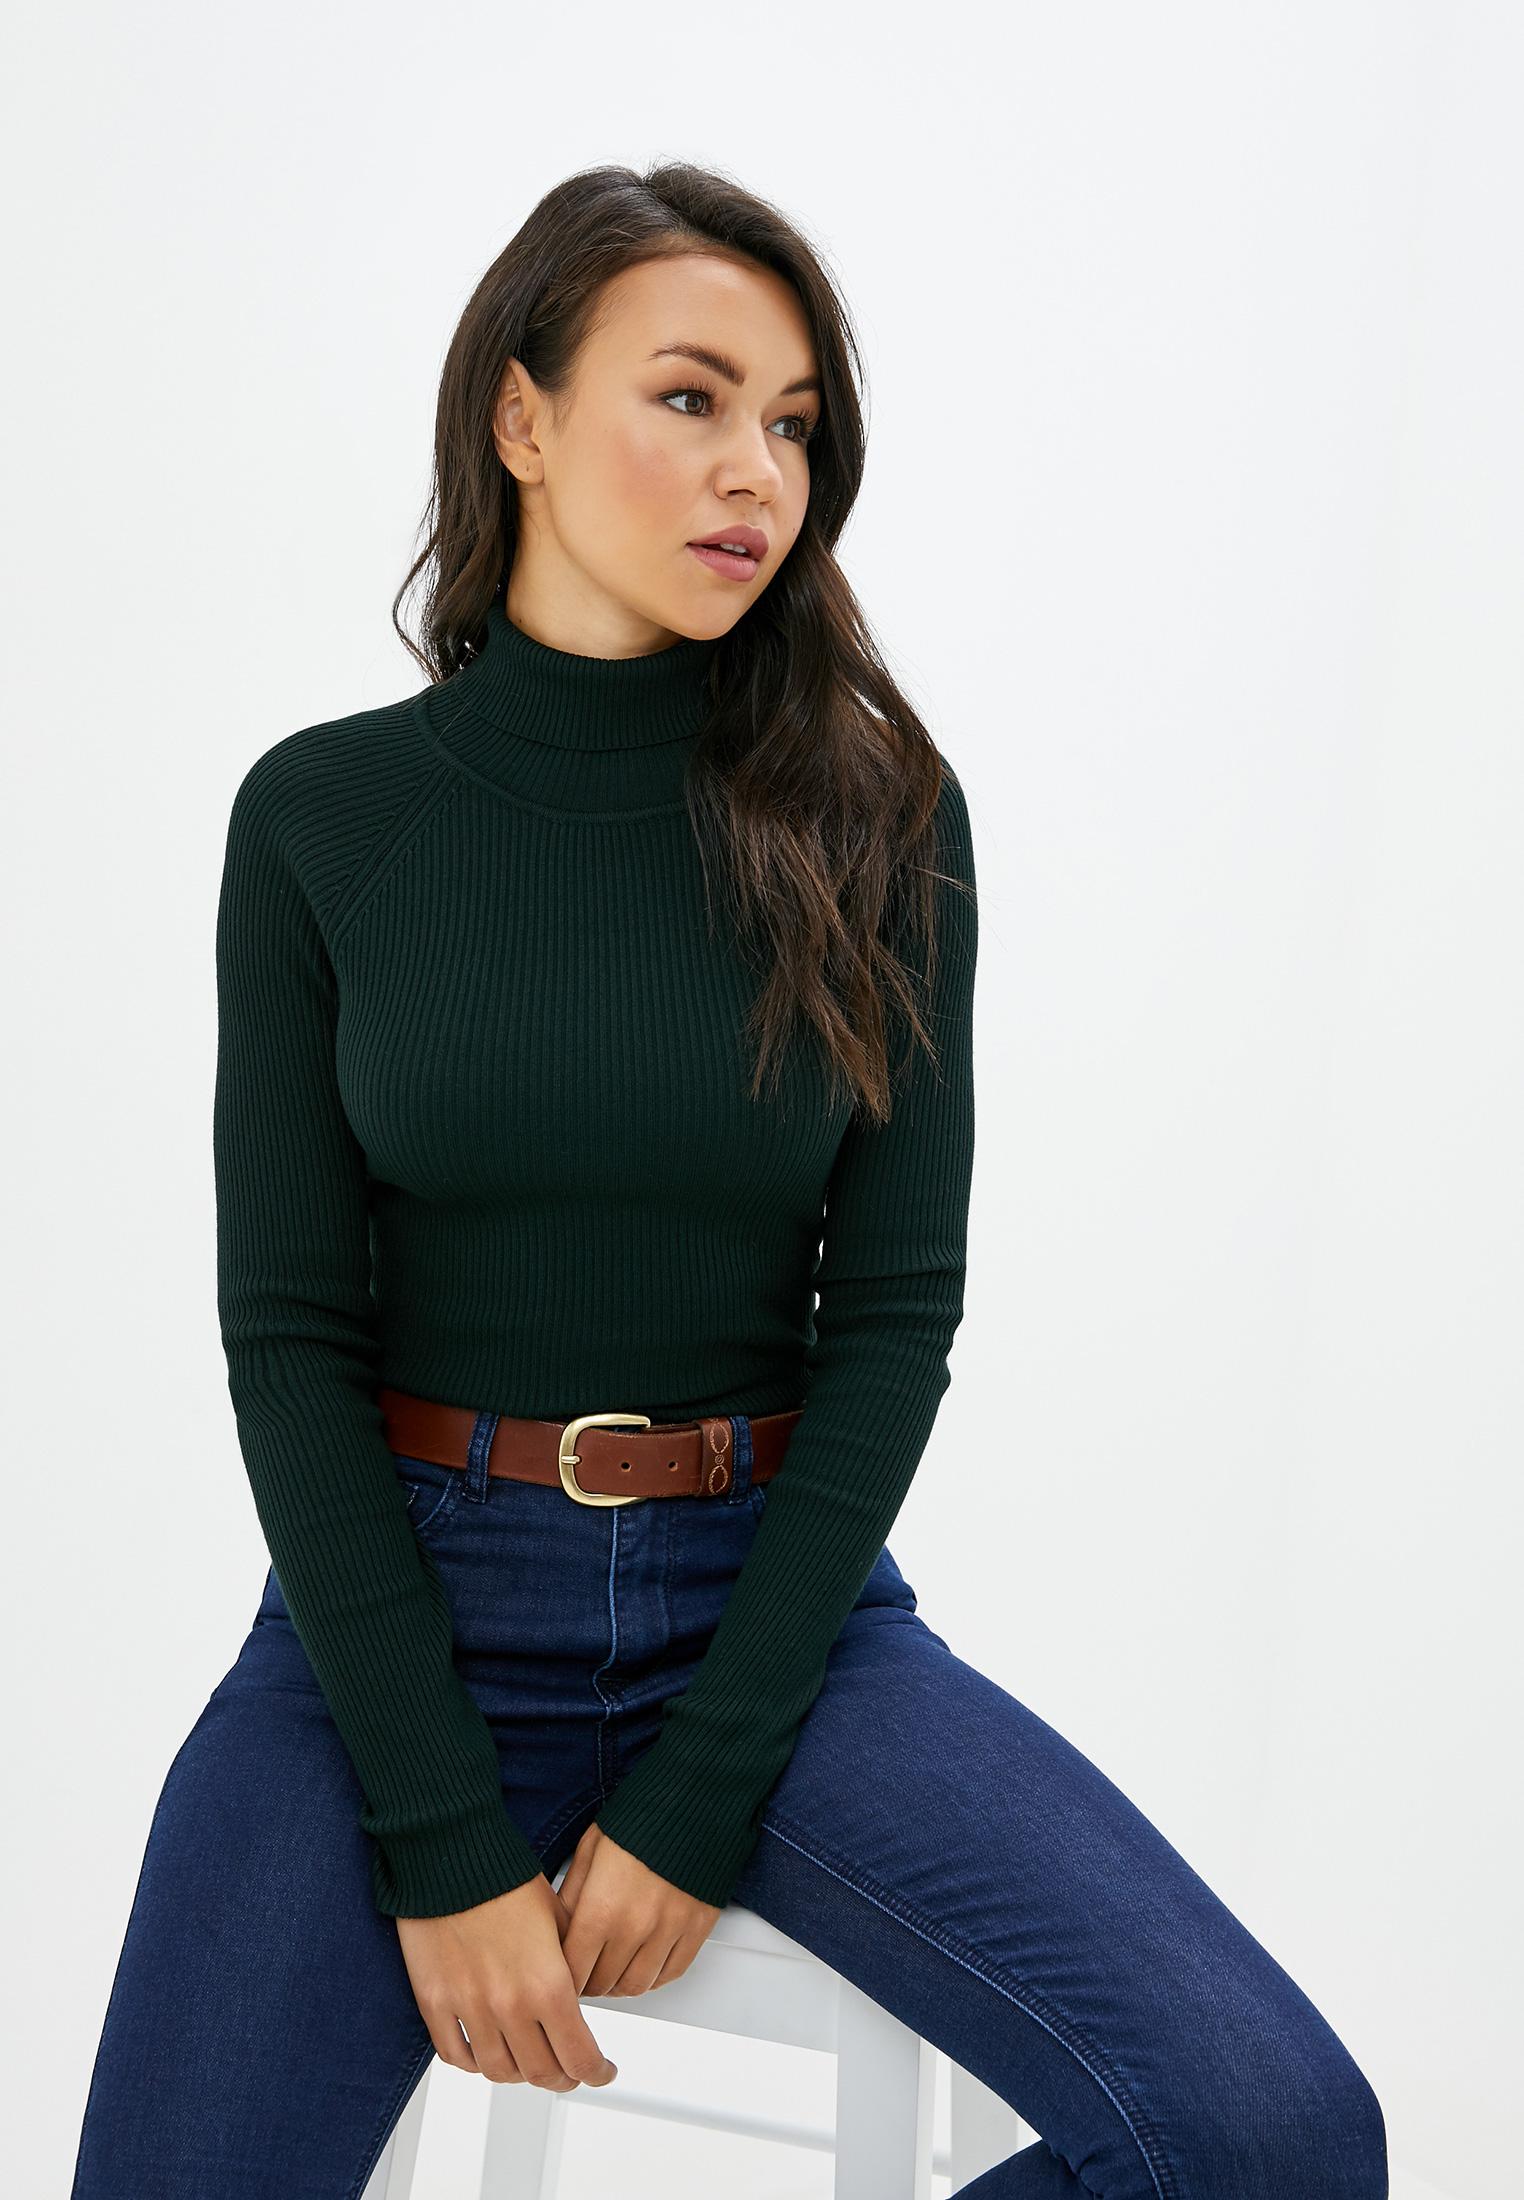 Водолазка, Befree, цвет: зеленый. Артикул: MP002XW11XBH. Одежда / Джемперы, свитеры и кардиганы